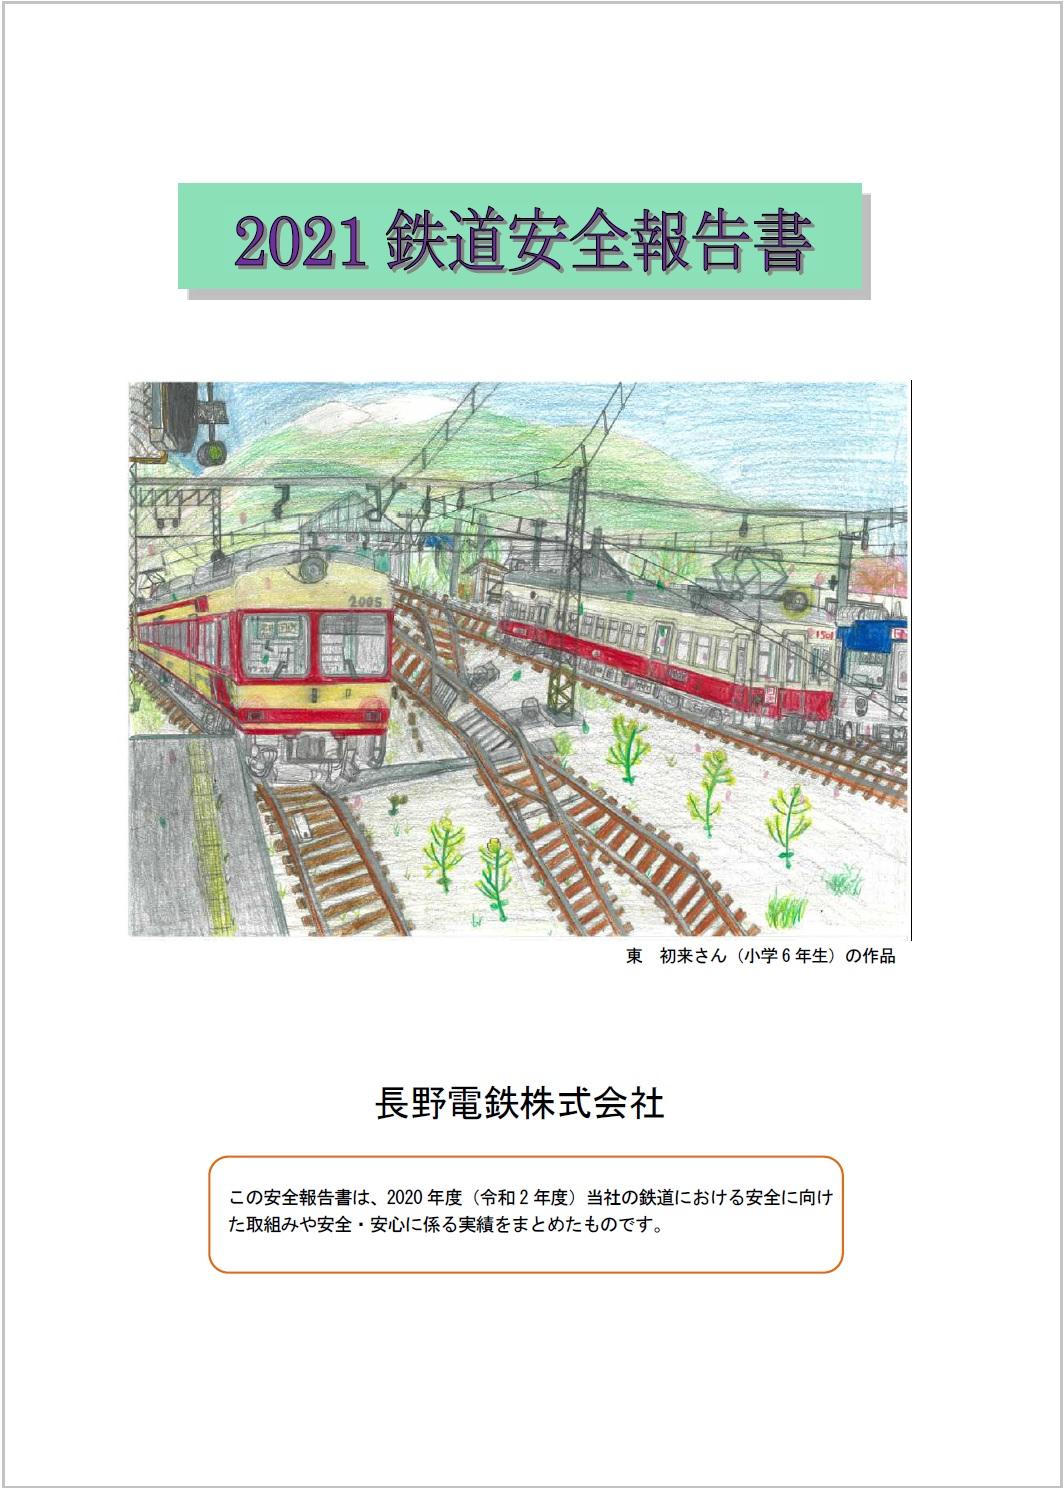 2021鉄道安全報告書(R03.06.25)